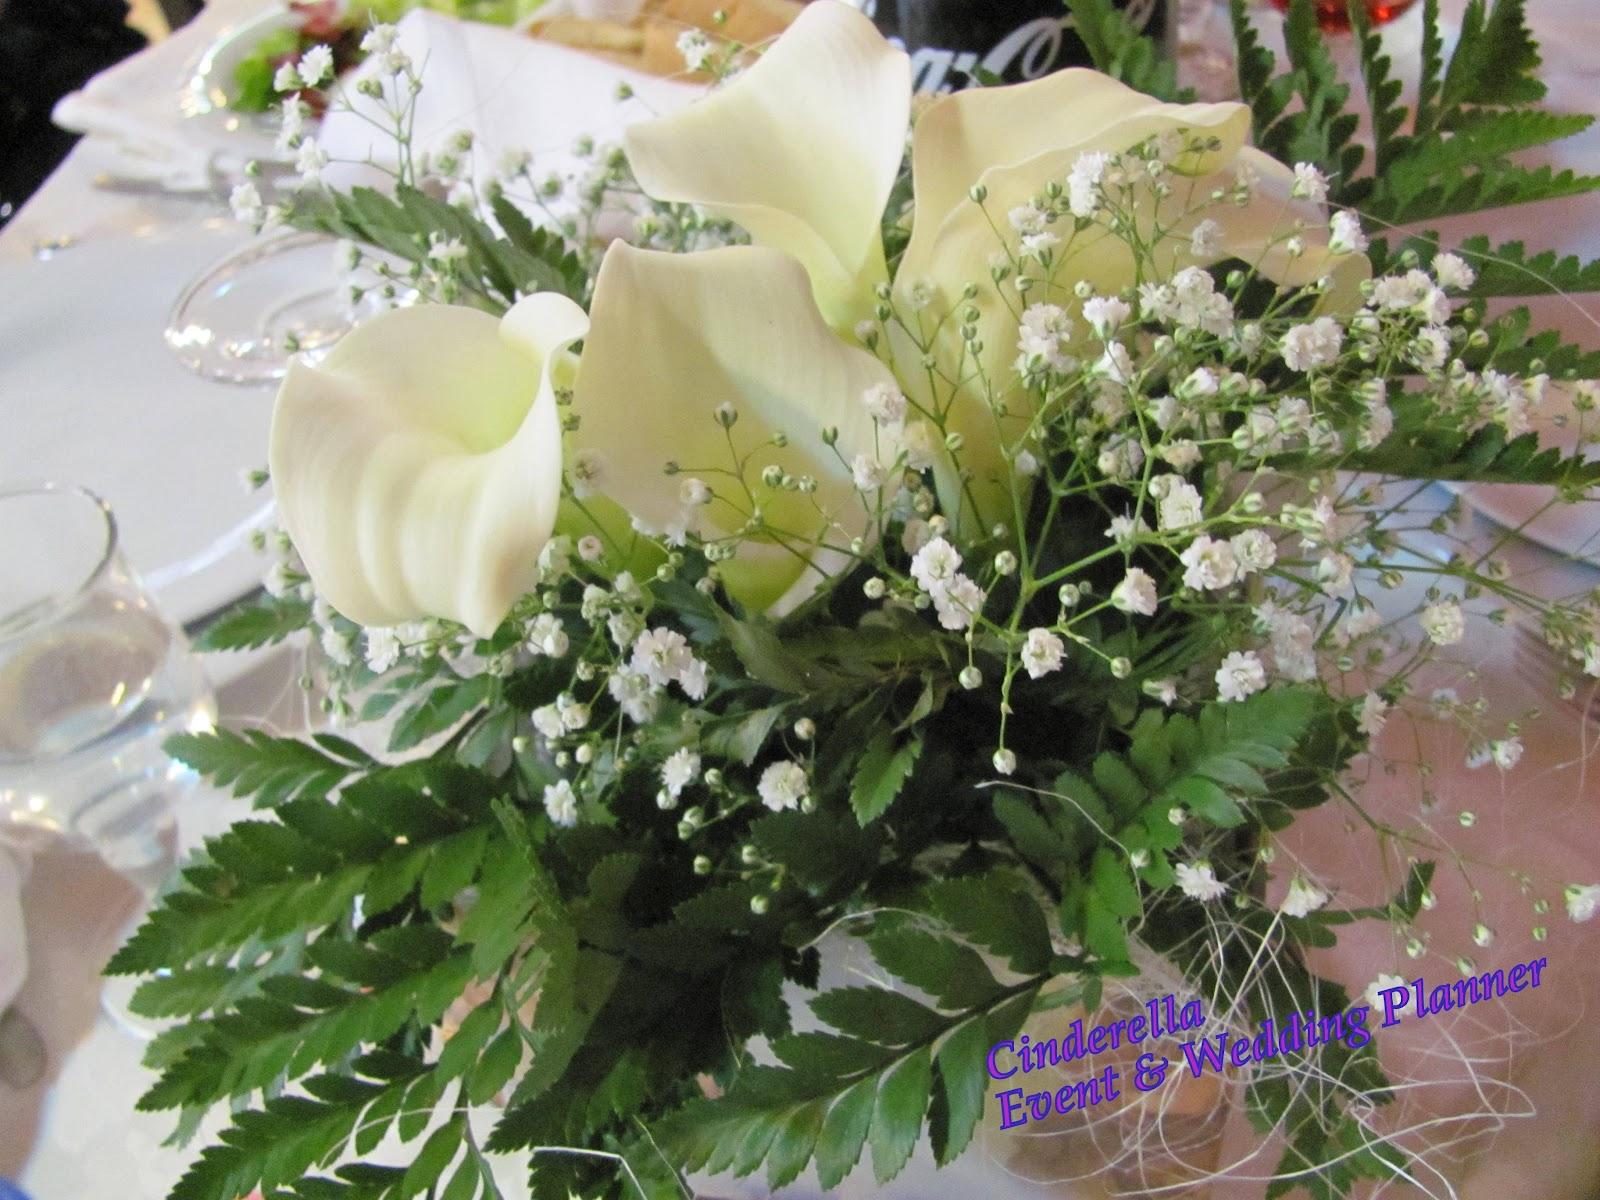 Famoso Cinderella Event & Wedding Planner: PICCOLI CENTROTAVOLA PER COMUNIONE RX56